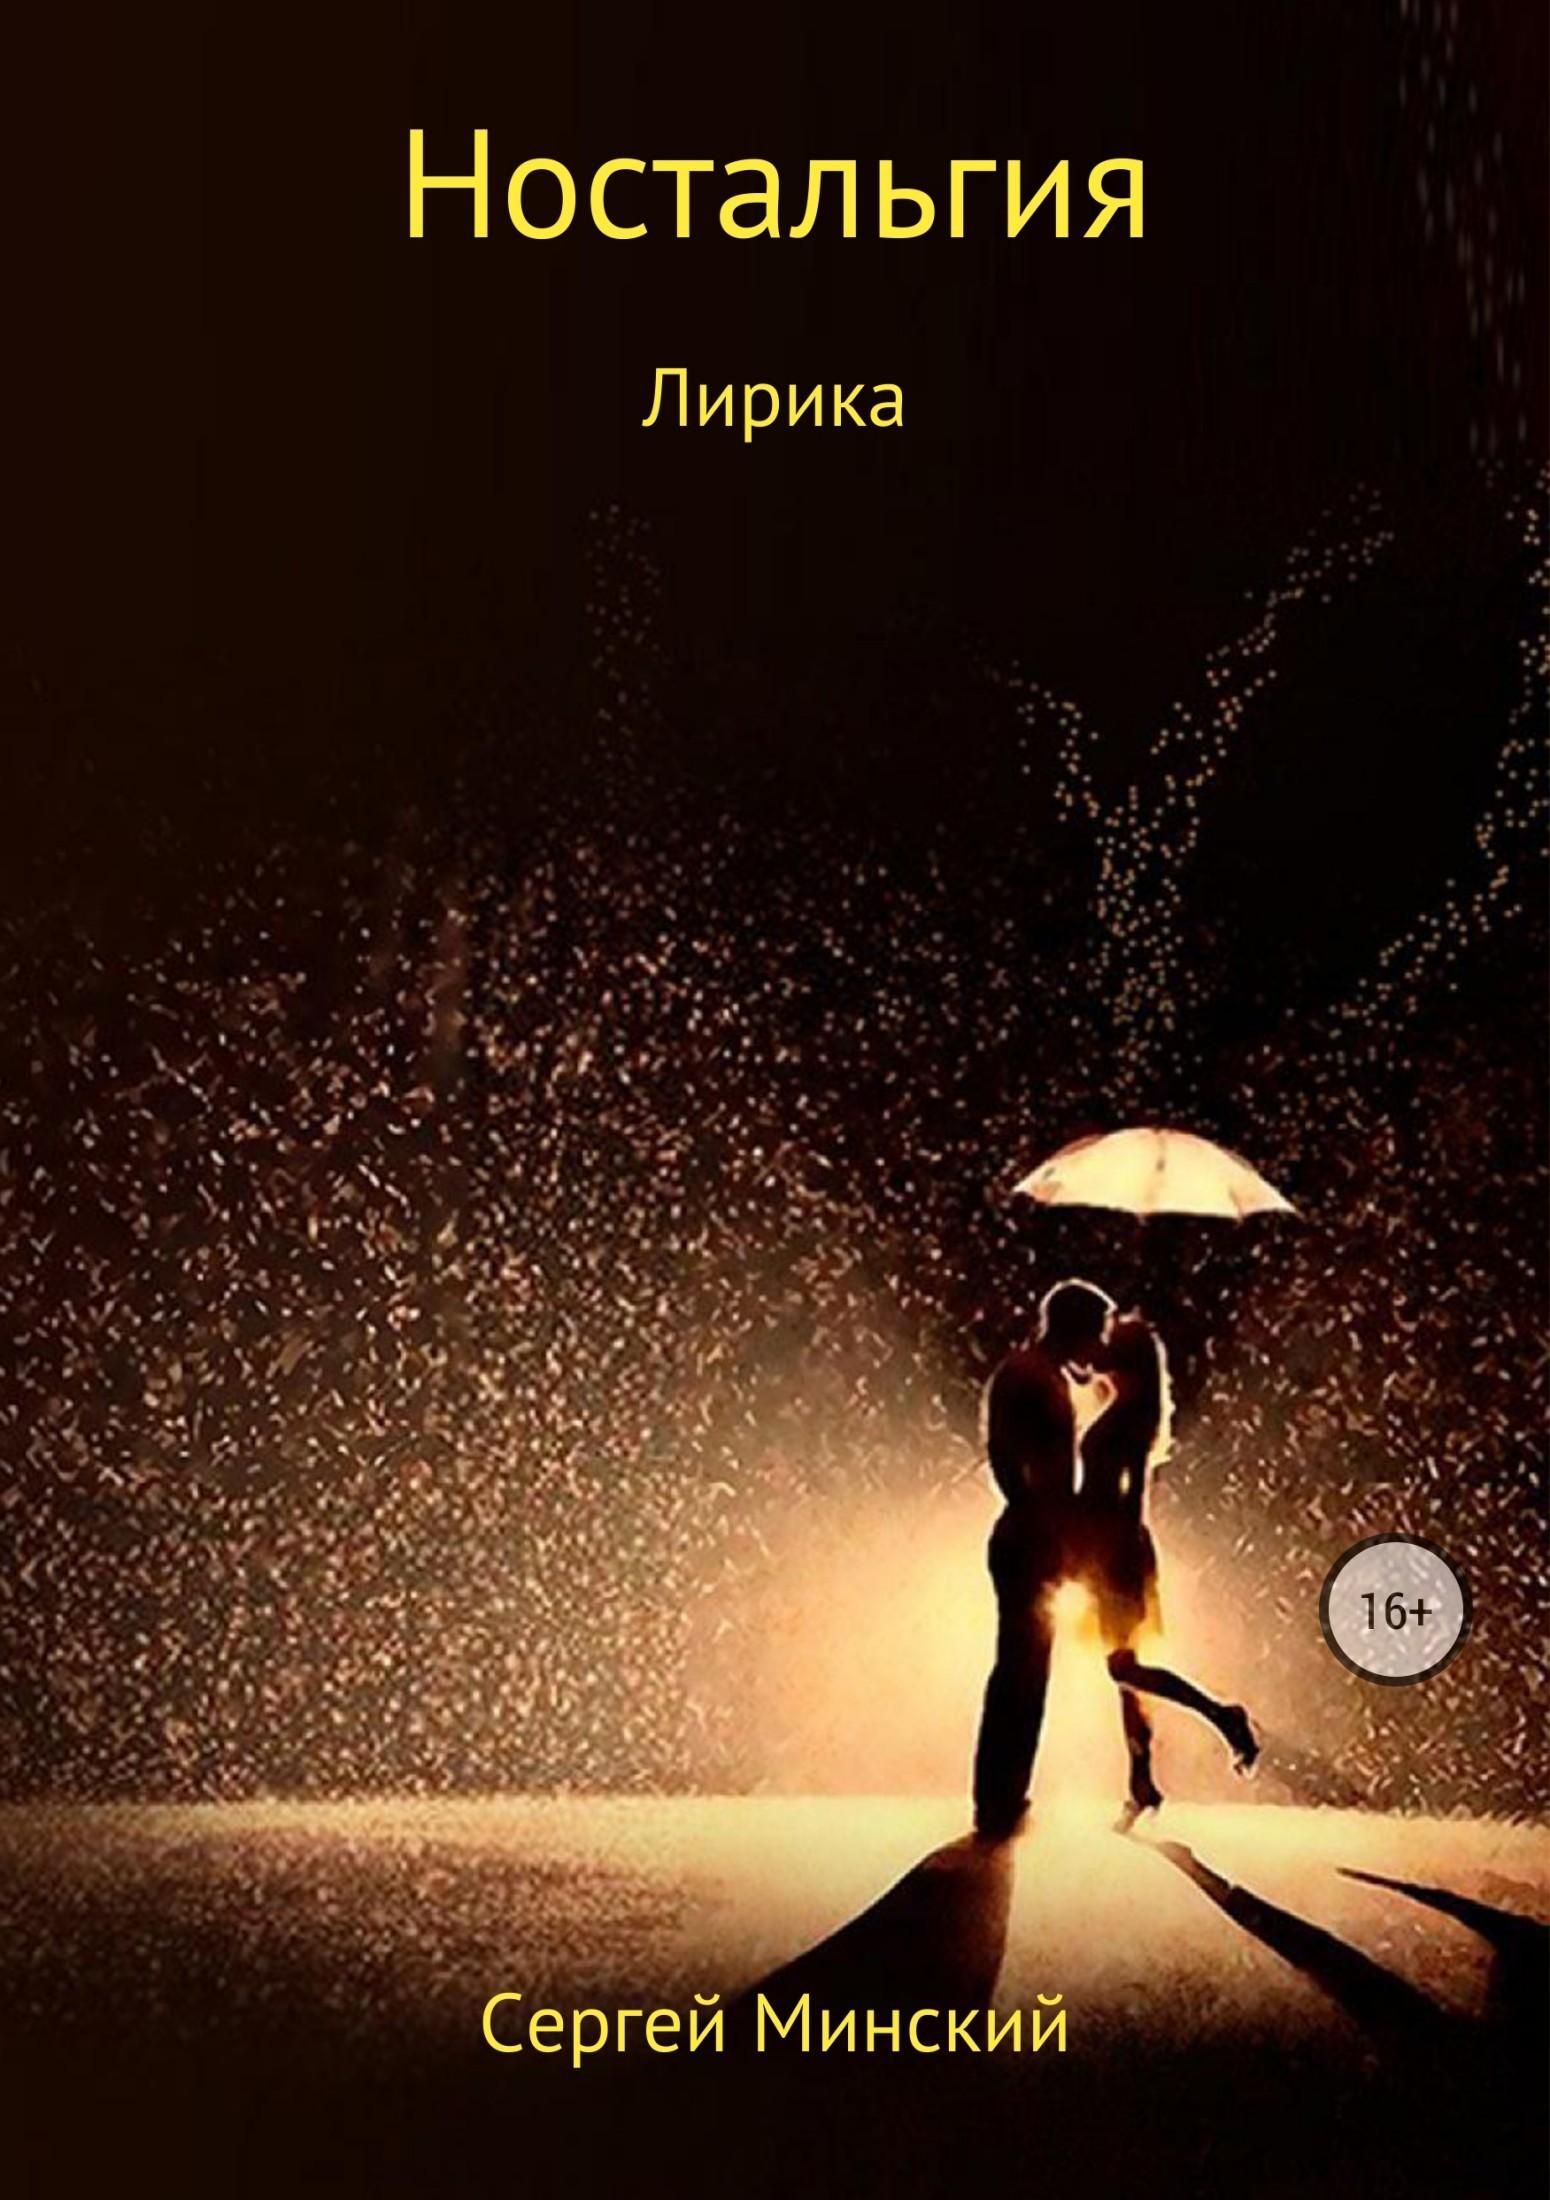 Сергей Алексеевич Минский Ностальгия наталья петровна беляева ерух струны души